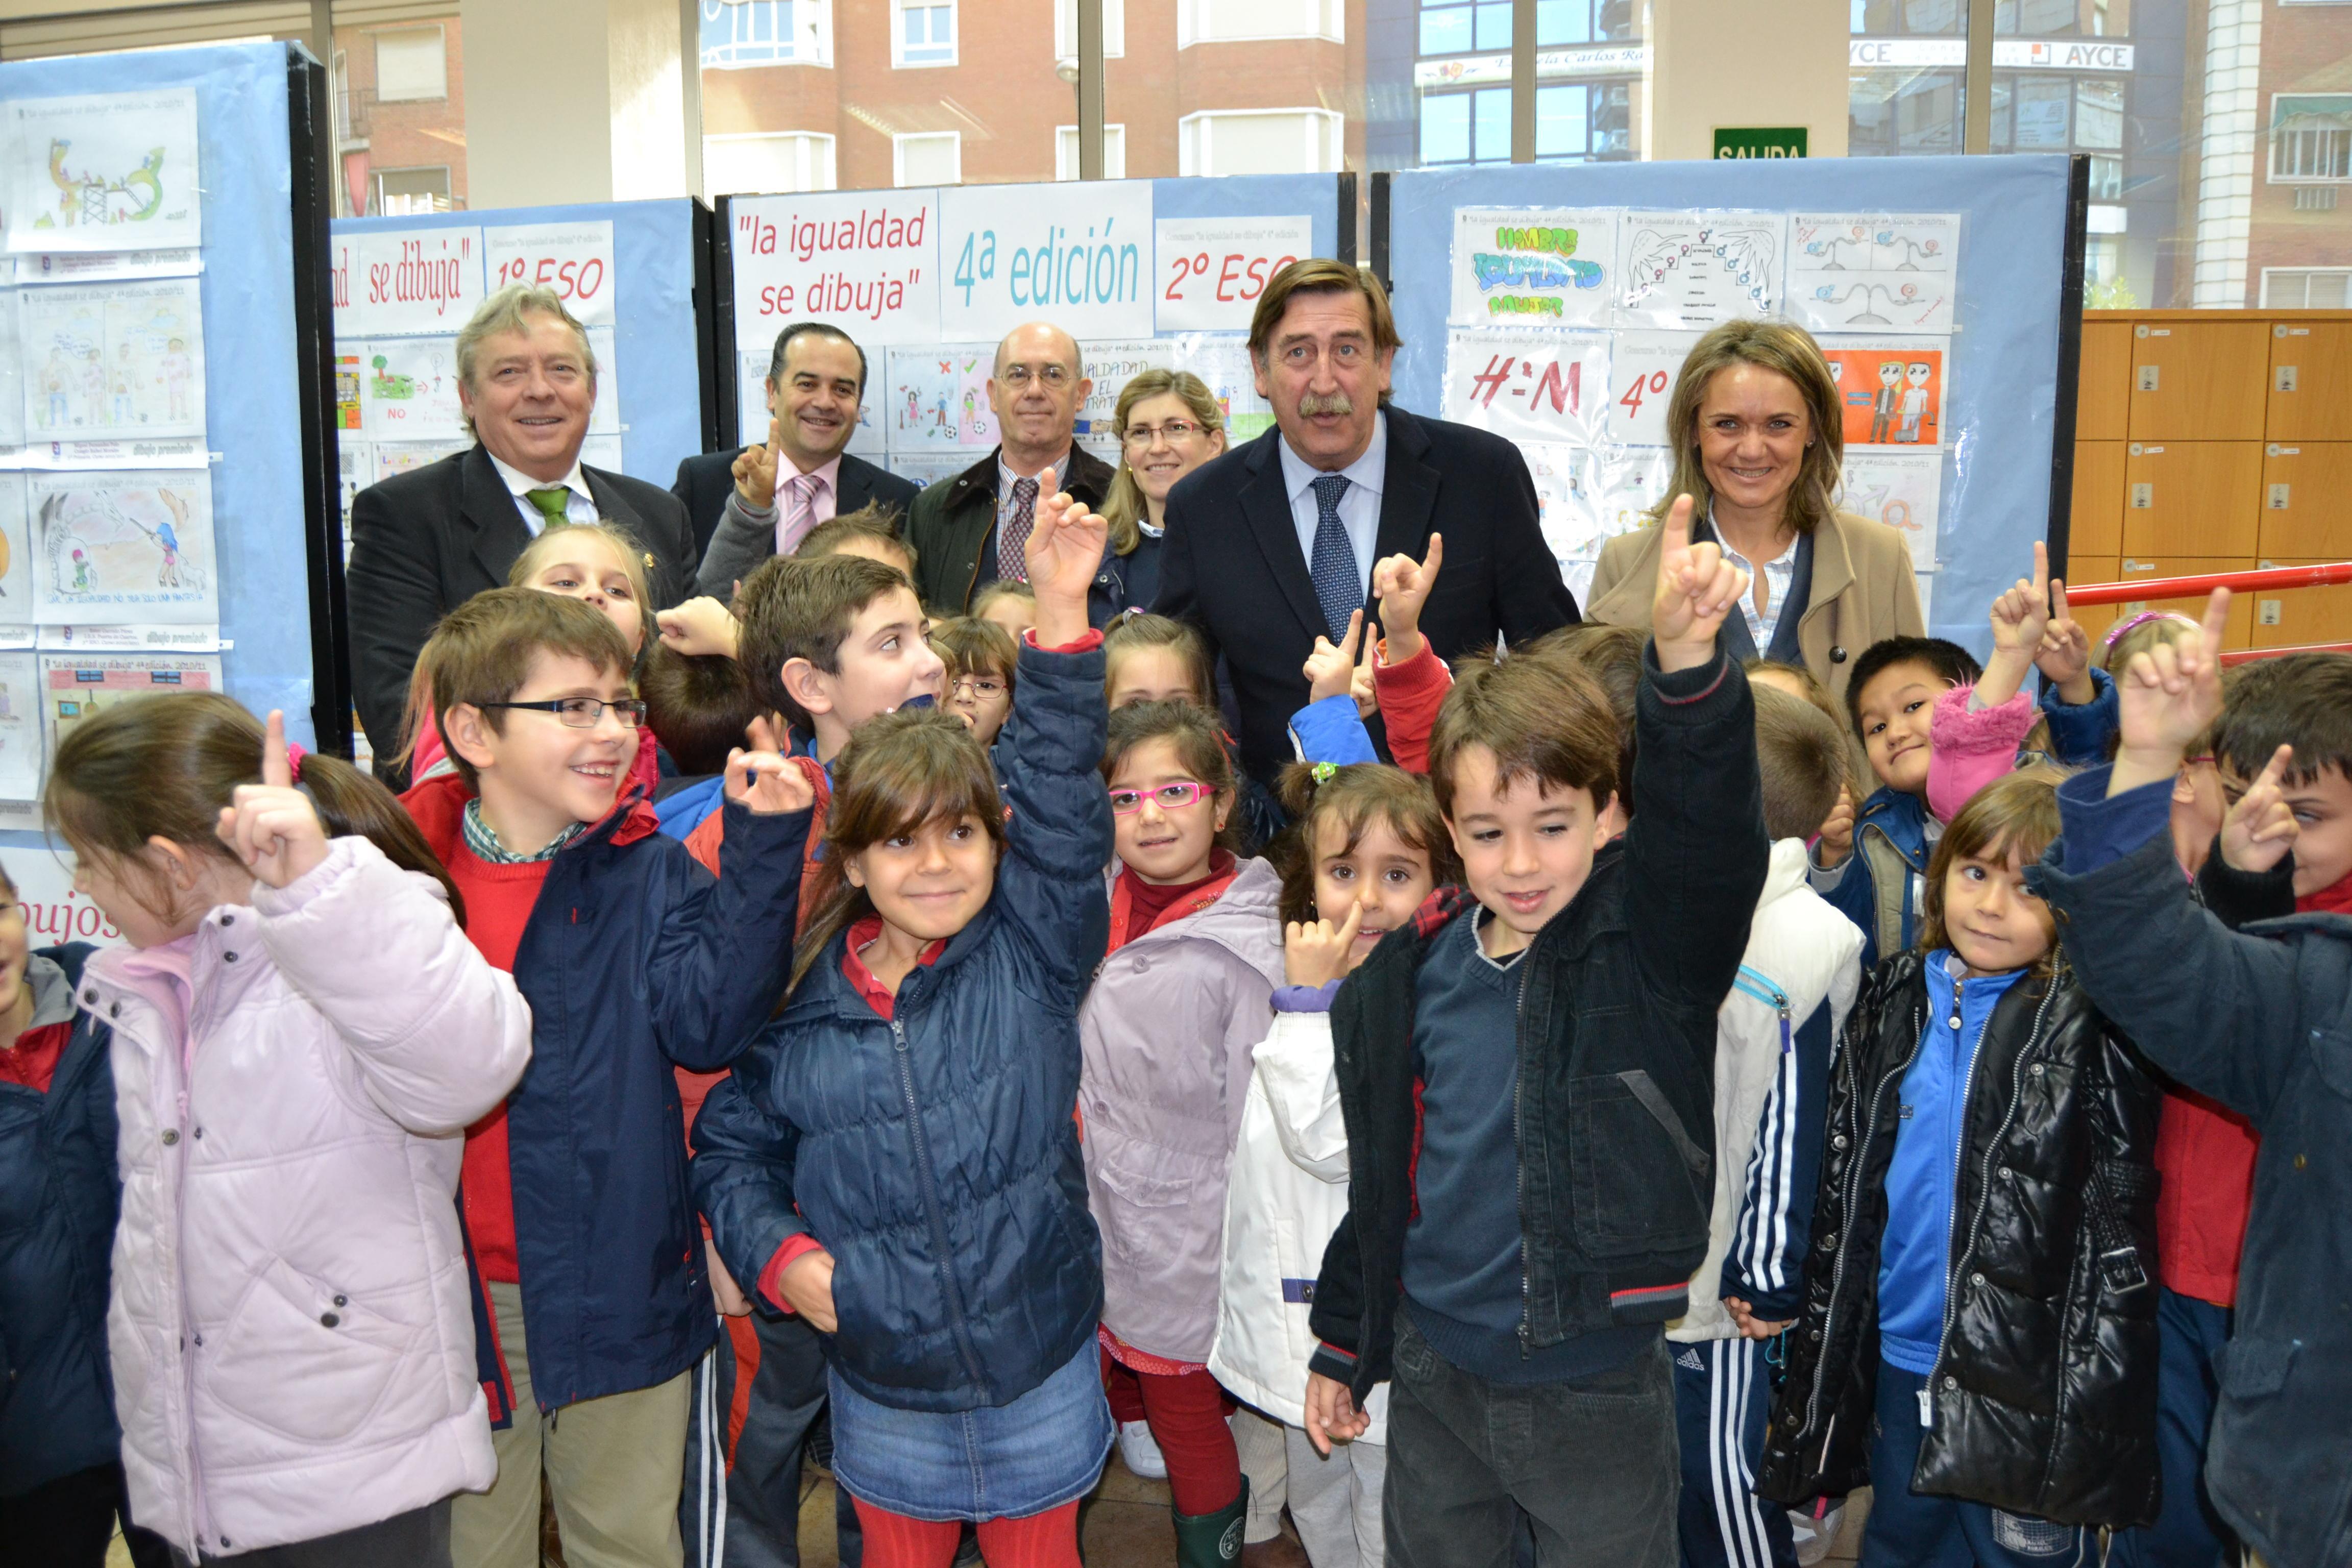 El alcalde aboga por la defensa de una sanidad y educación universal, pública y gratuita